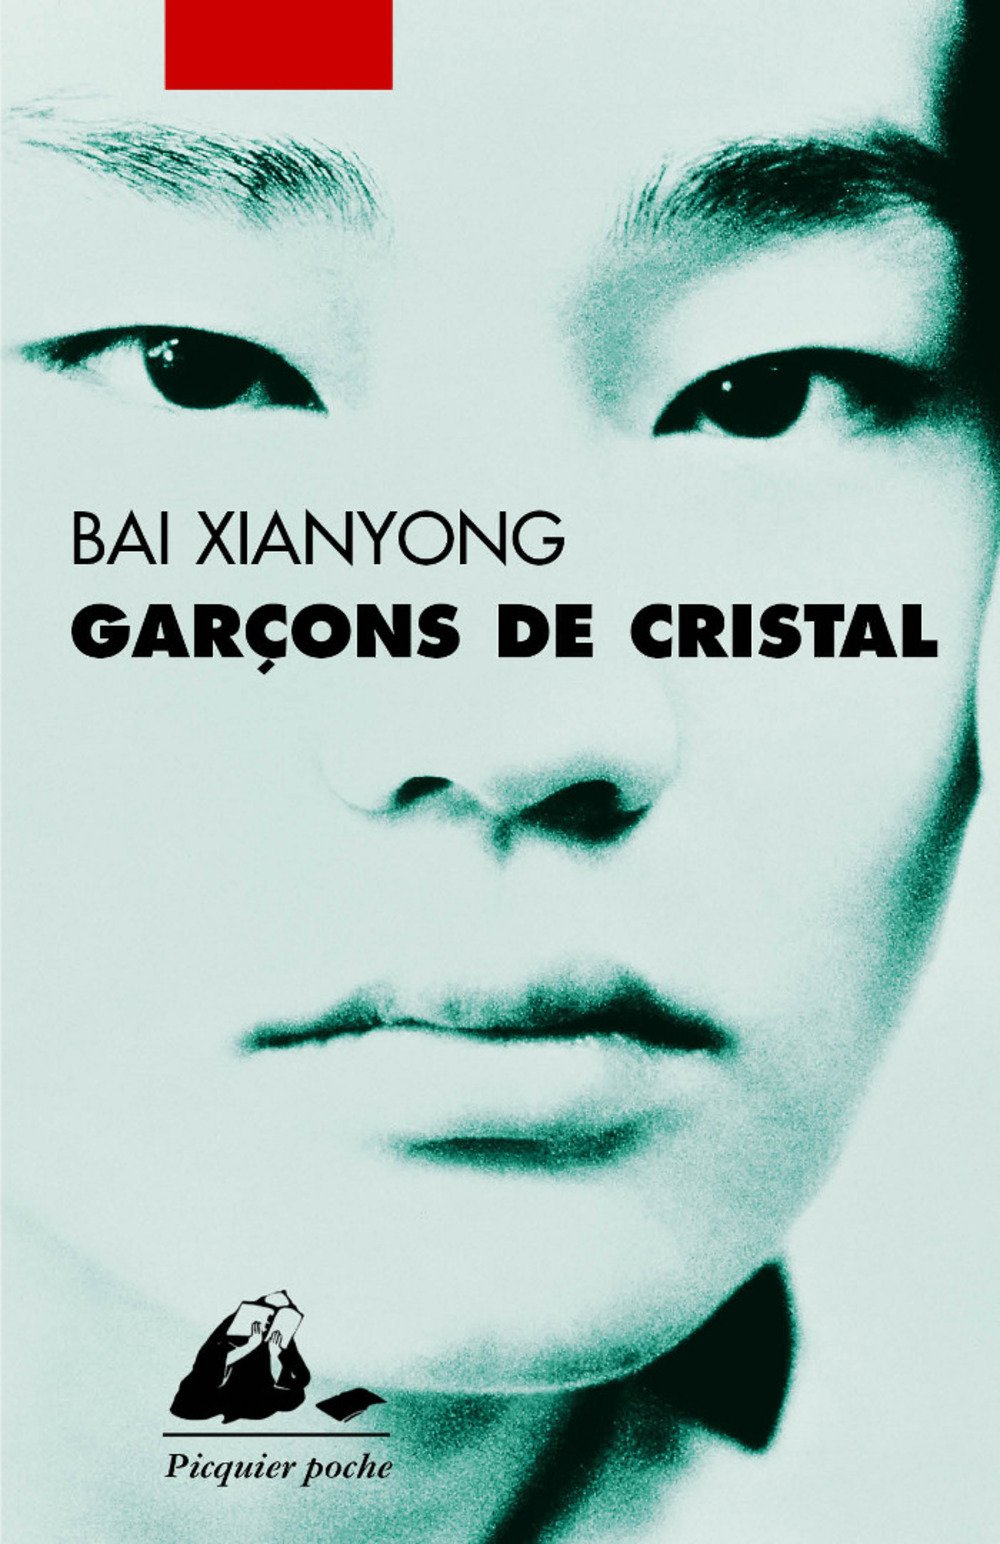 """Résultat de recherche d'images pour """"garçons de cristal bai xianyong"""""""